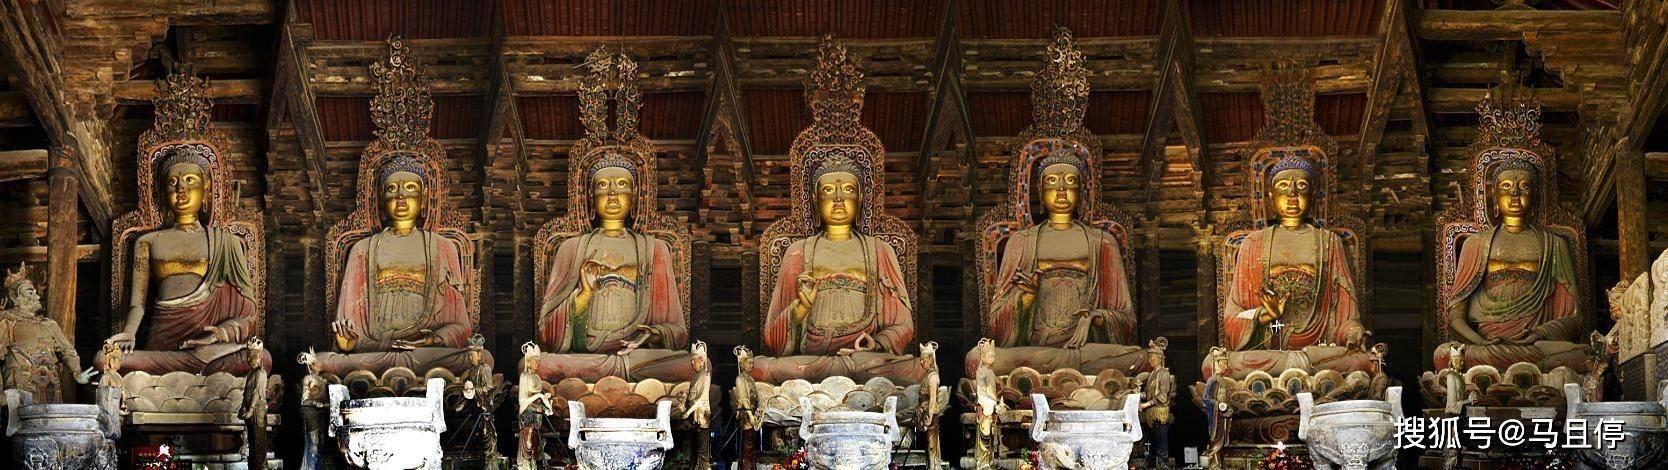 辽宁不起眼的小县,却见证着辽王朝的辉煌,还可看到中国第一佛殿  第13张